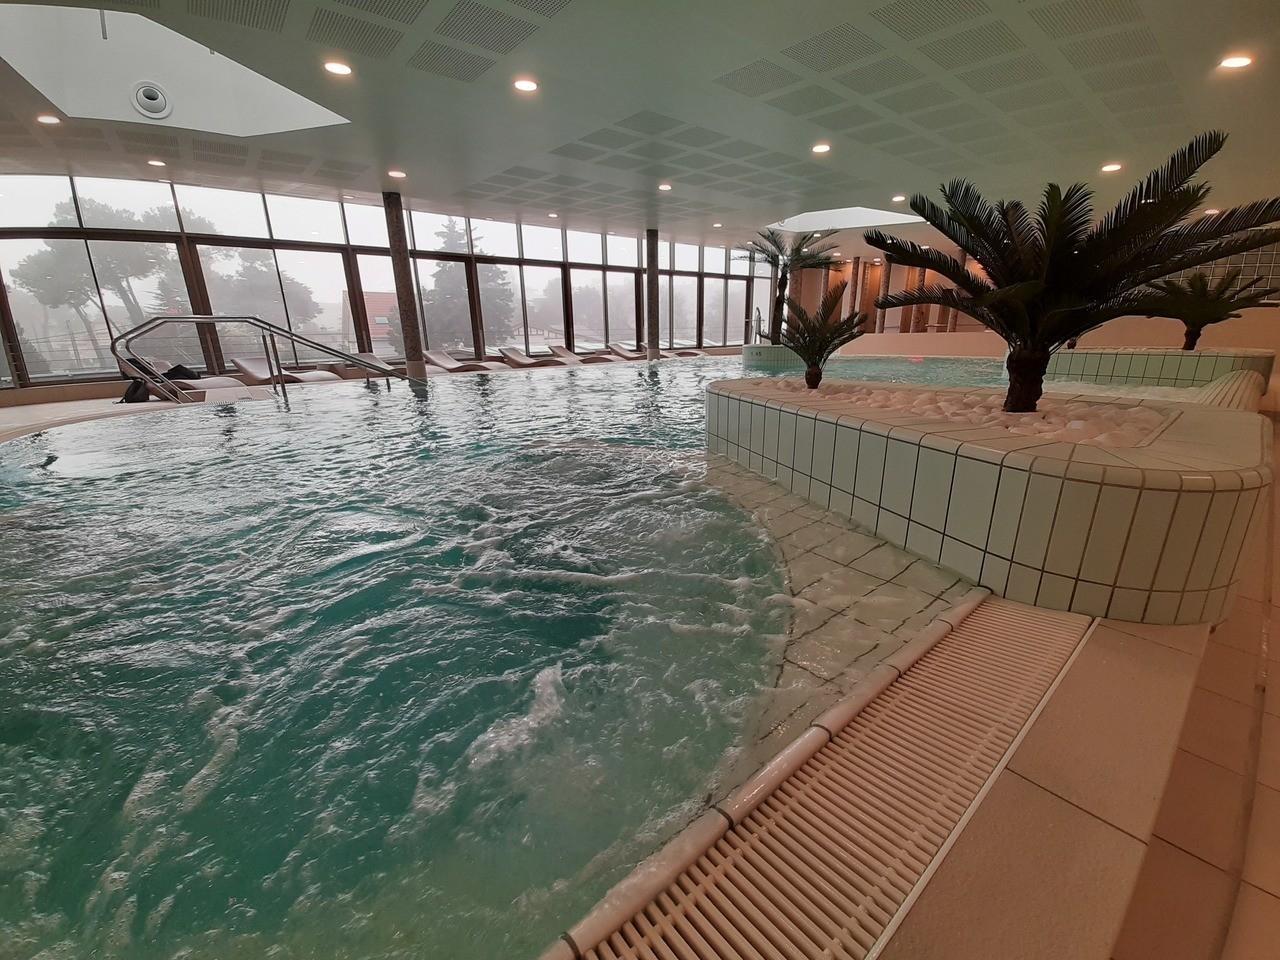 La Baule : Le Centre Aquatique Aquabaule Ouvrira Lundi 10 ... tout Piscine Aquabaule